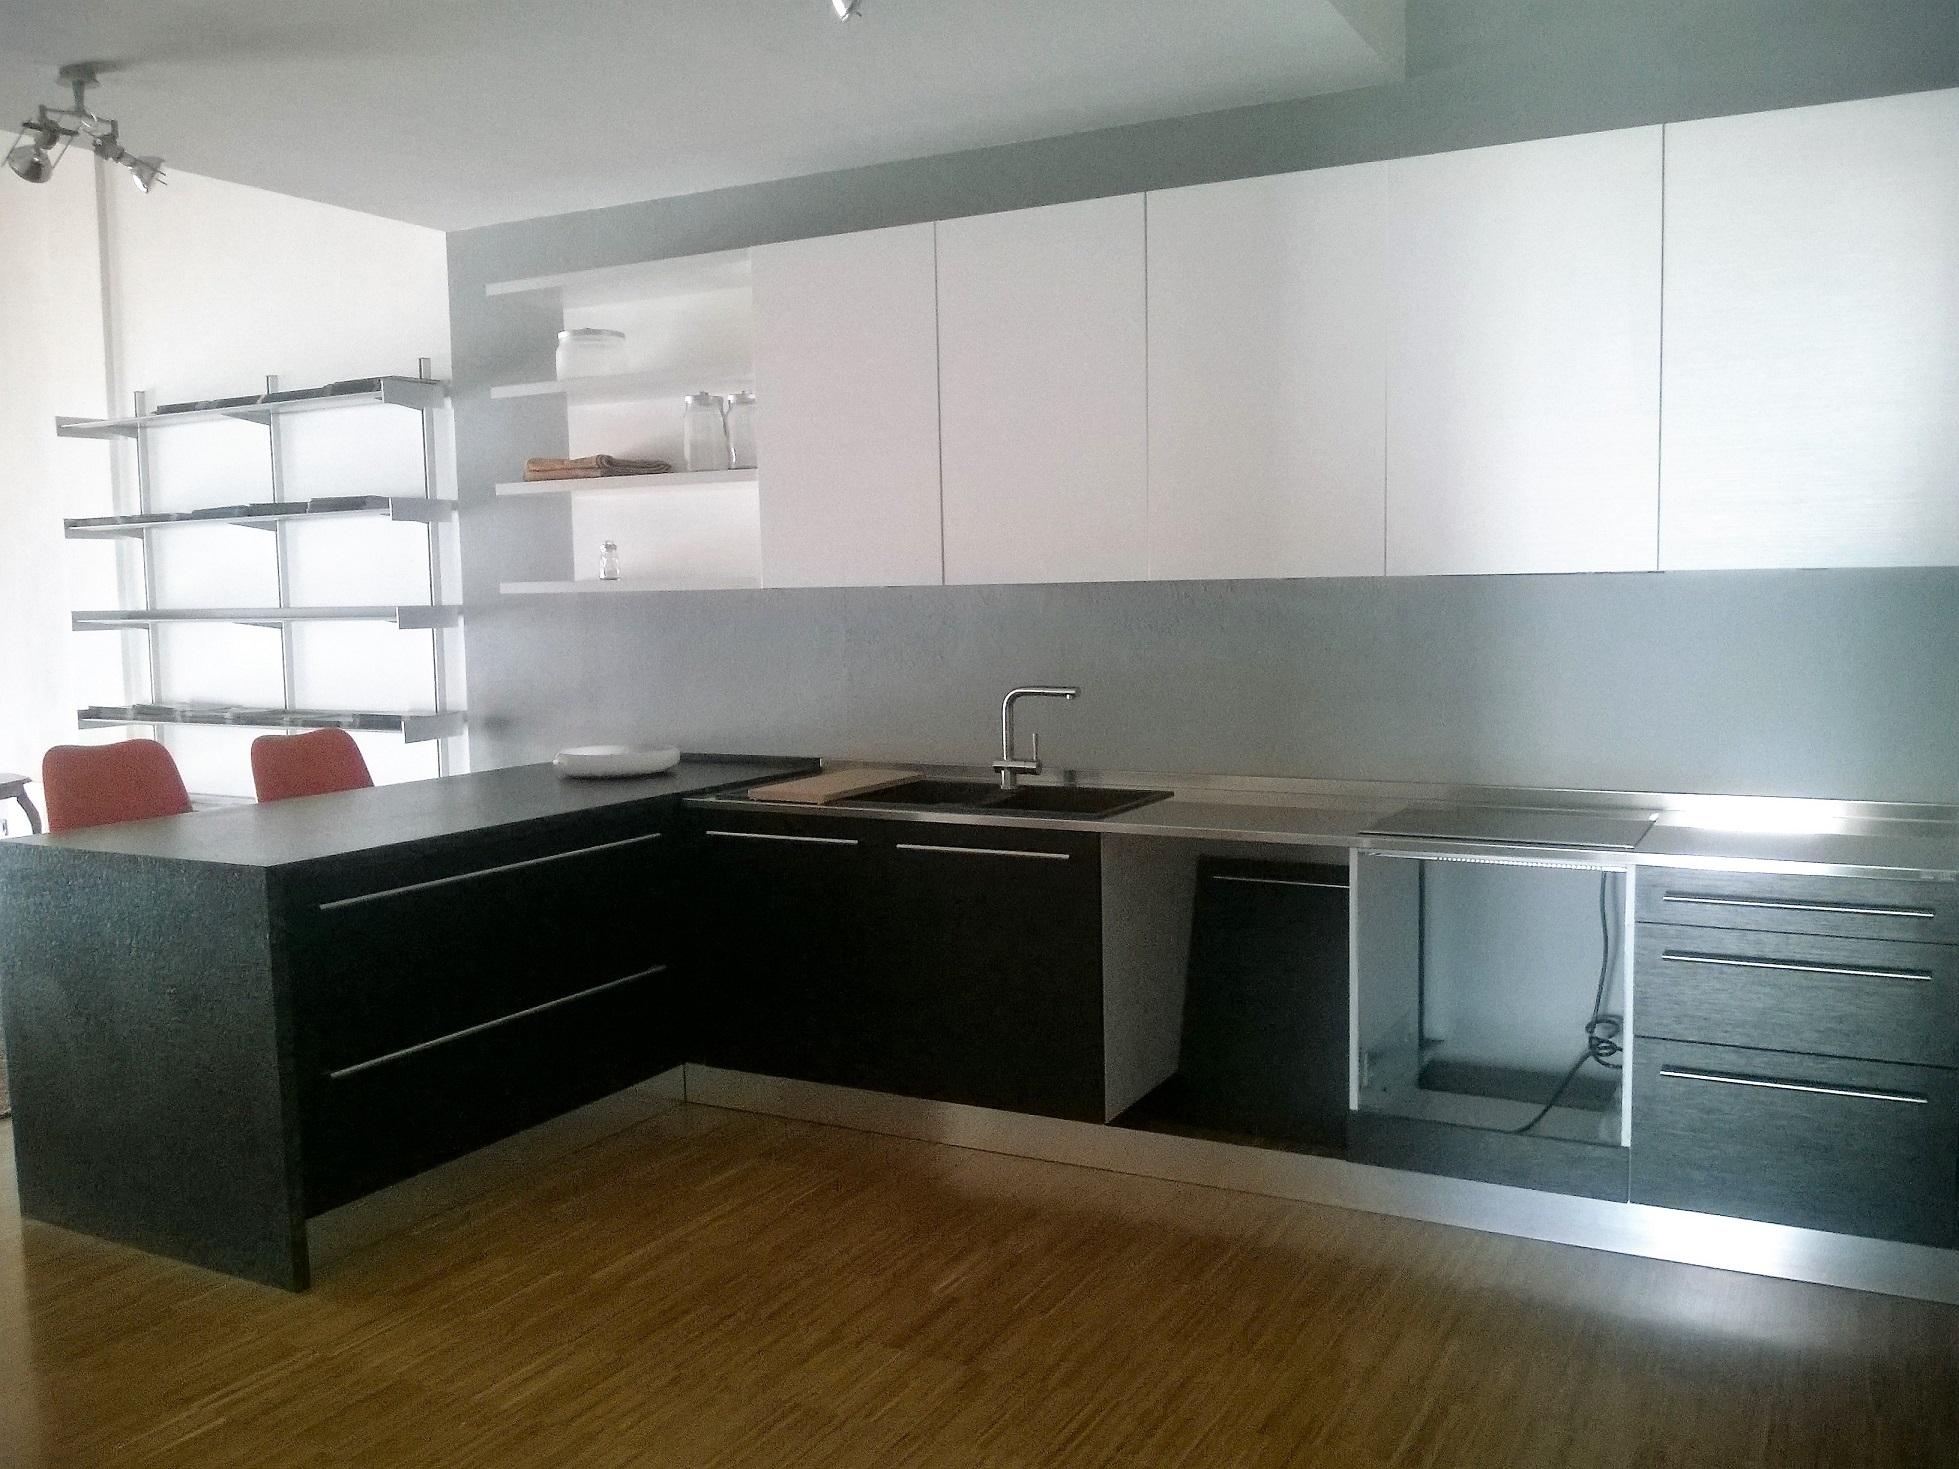 Cucina bontempi cucine smart nera moderno laminato - Cappa cucina nera ...